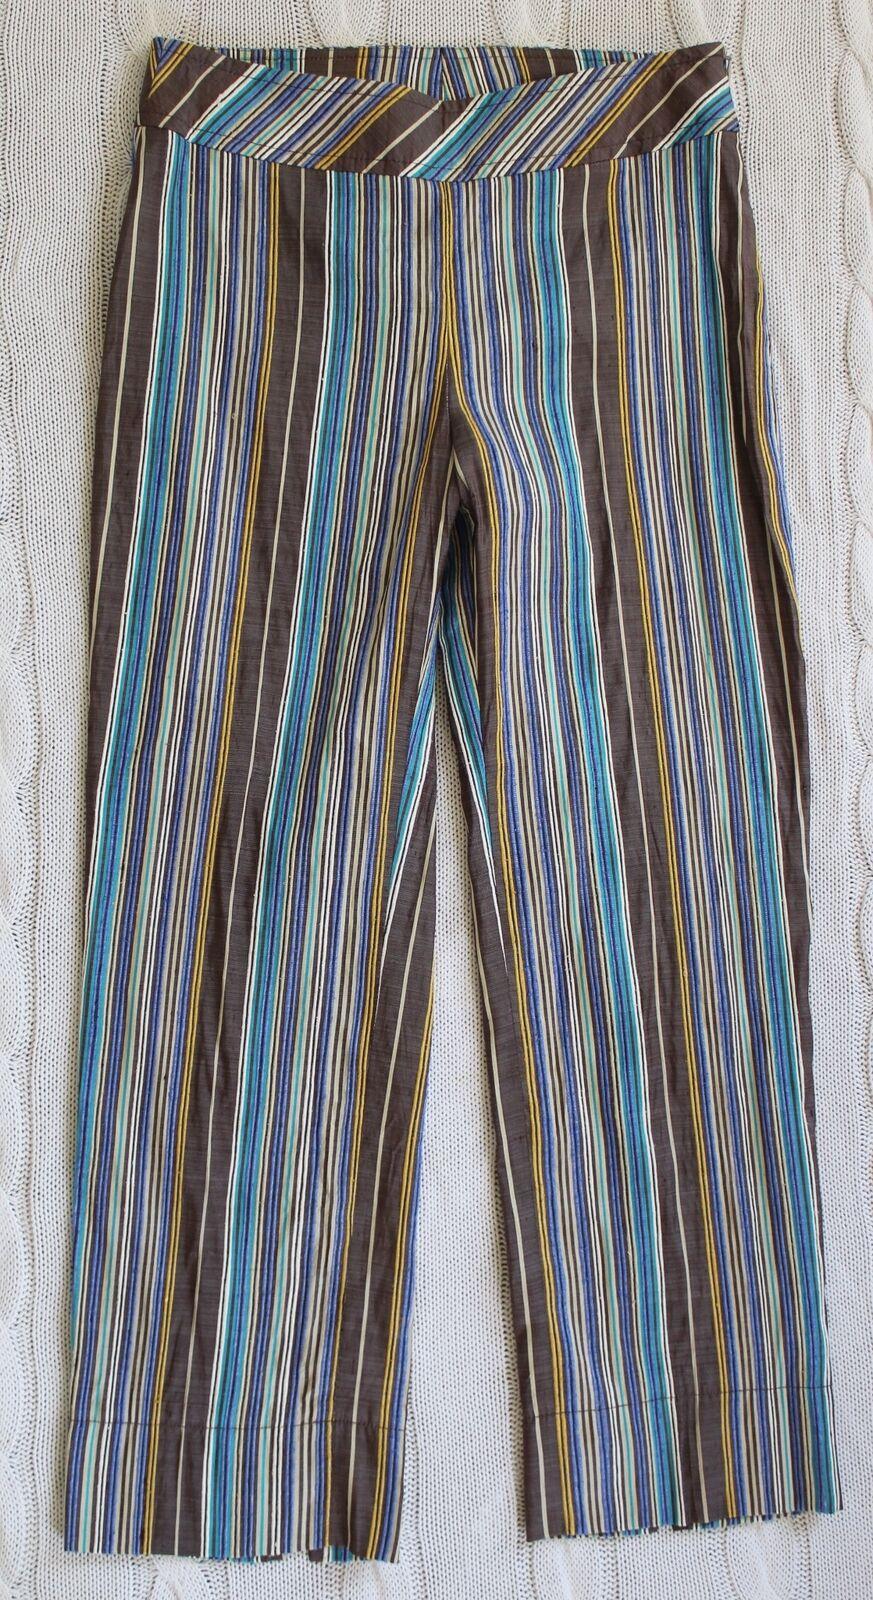 NWT  470 AKRIS PUNTO 100% Silk Shantung Striped Trouser Pants Cropped, Size US 4